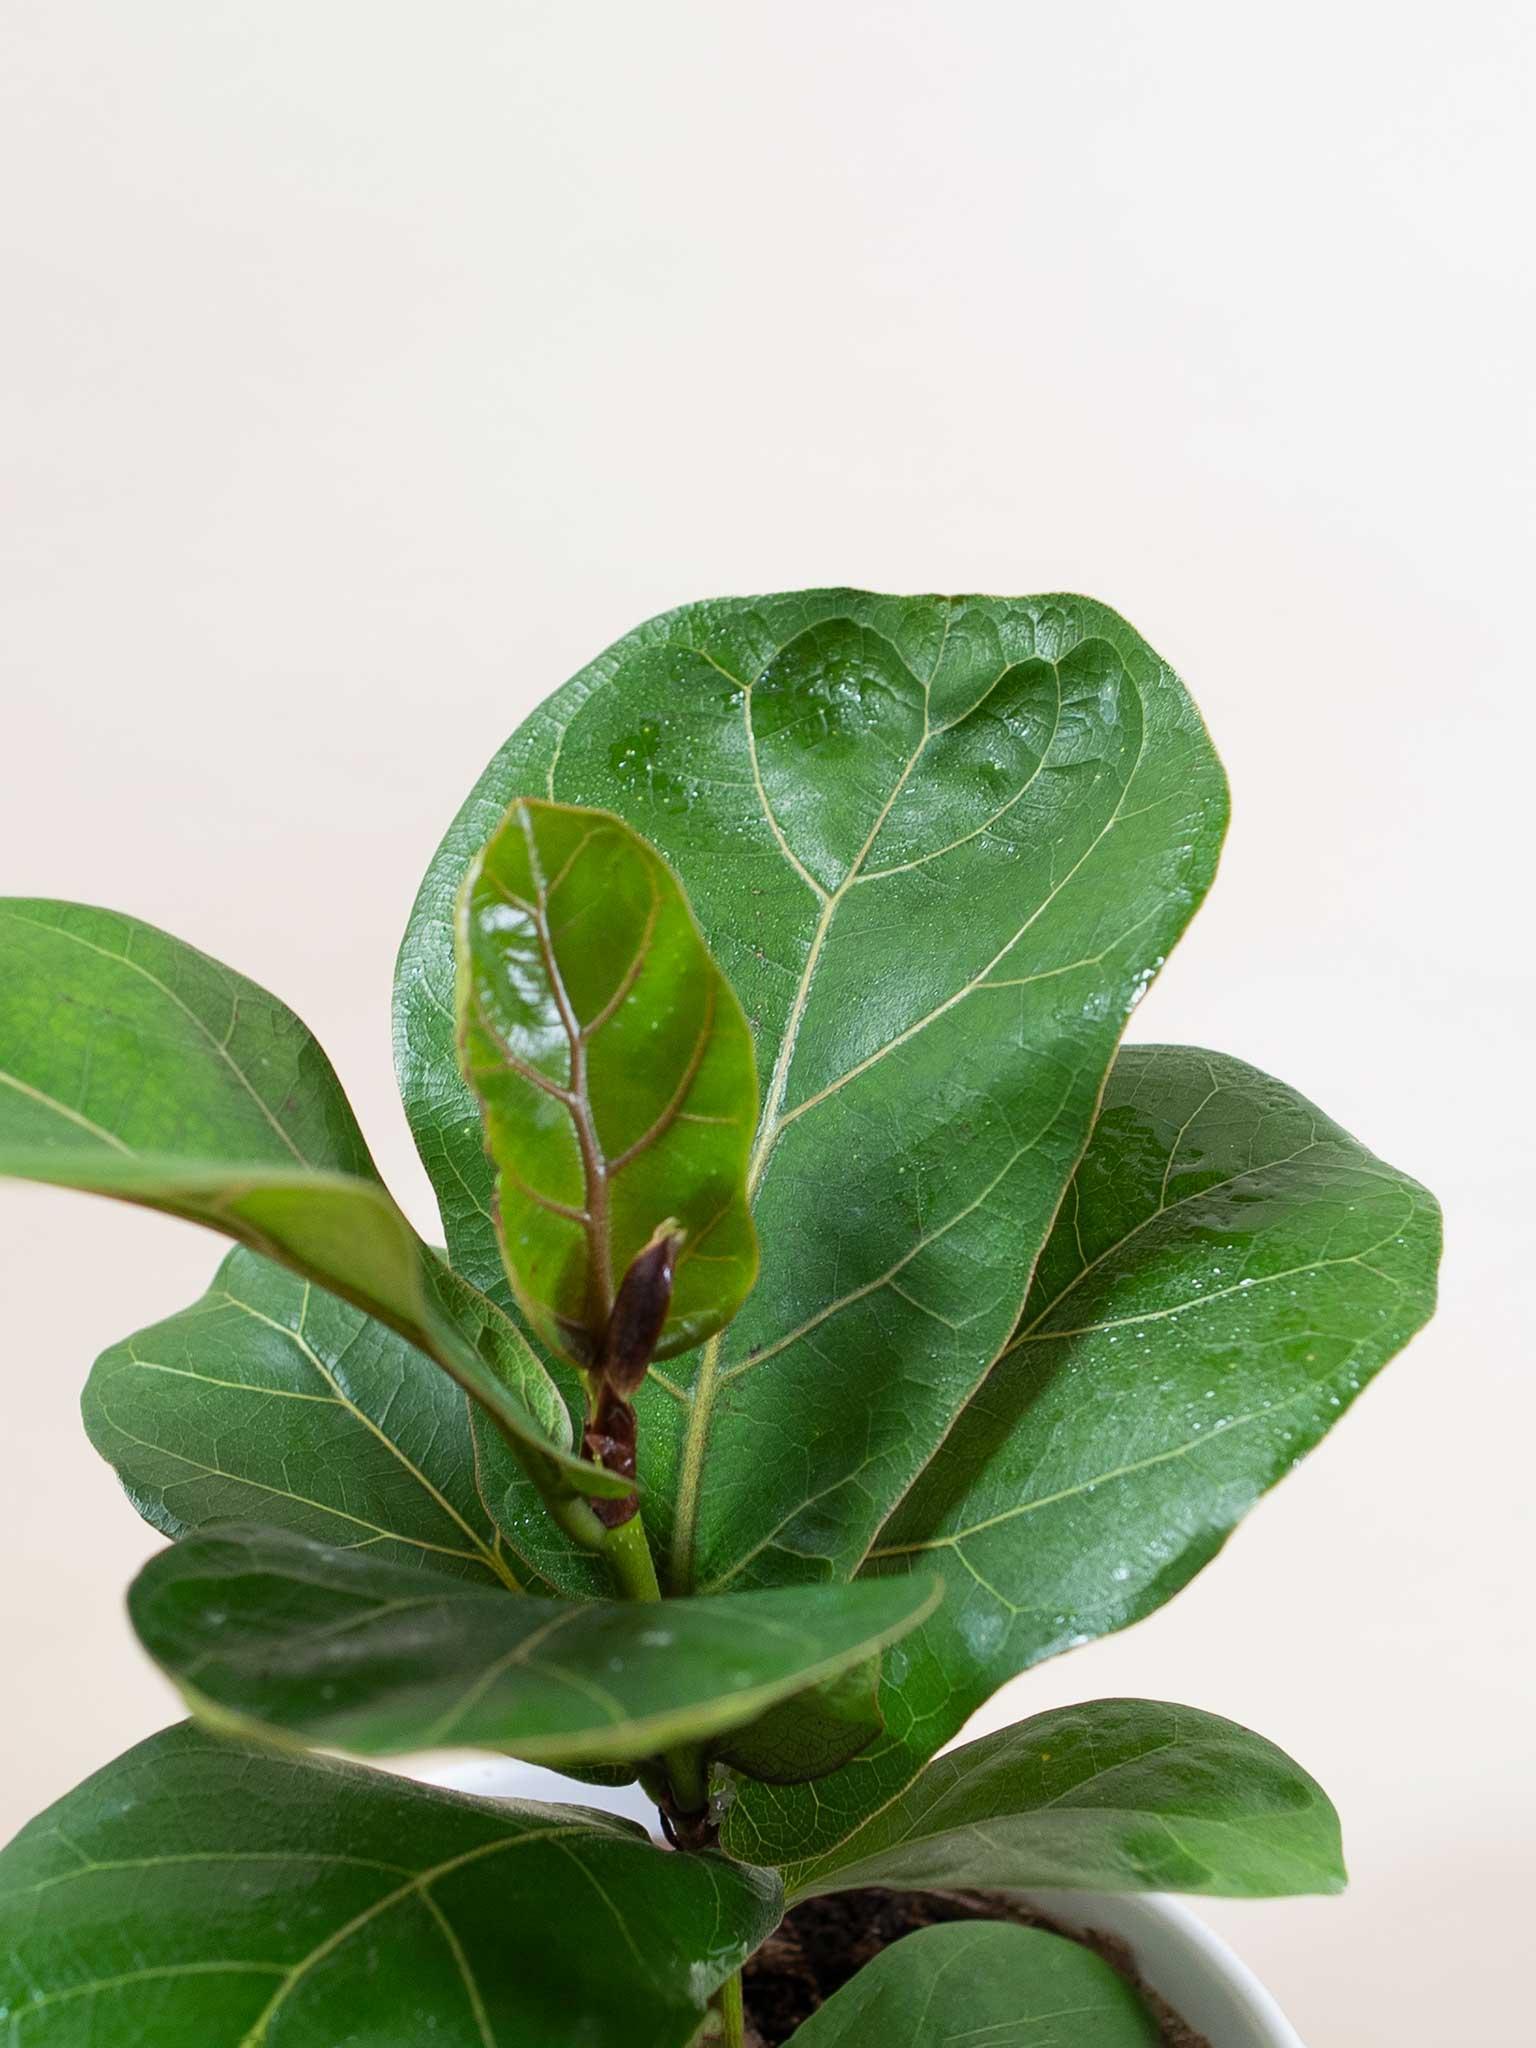 Dwarf fiddle leaf fig leaf